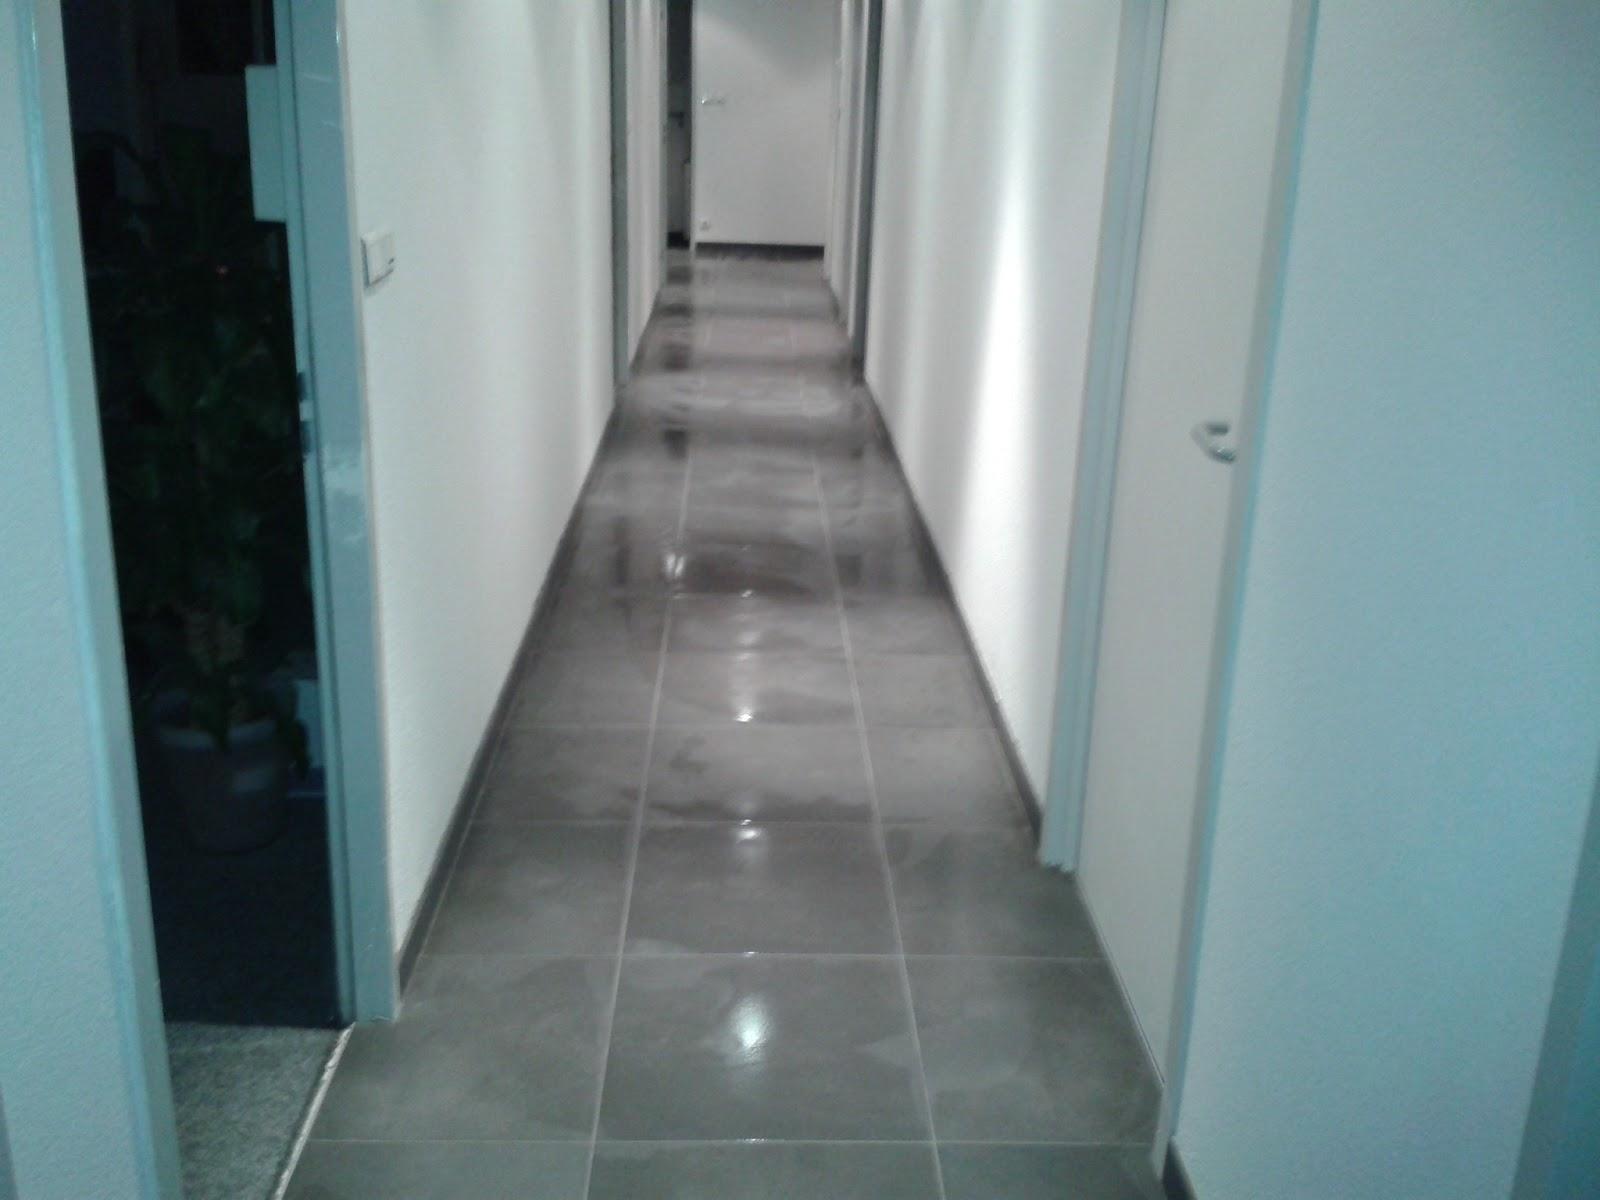 Idee carrelage salle de bain zen rueil malmaison toulon merignac devis rapide pour travaux - Faire briller un carrelage mat ...